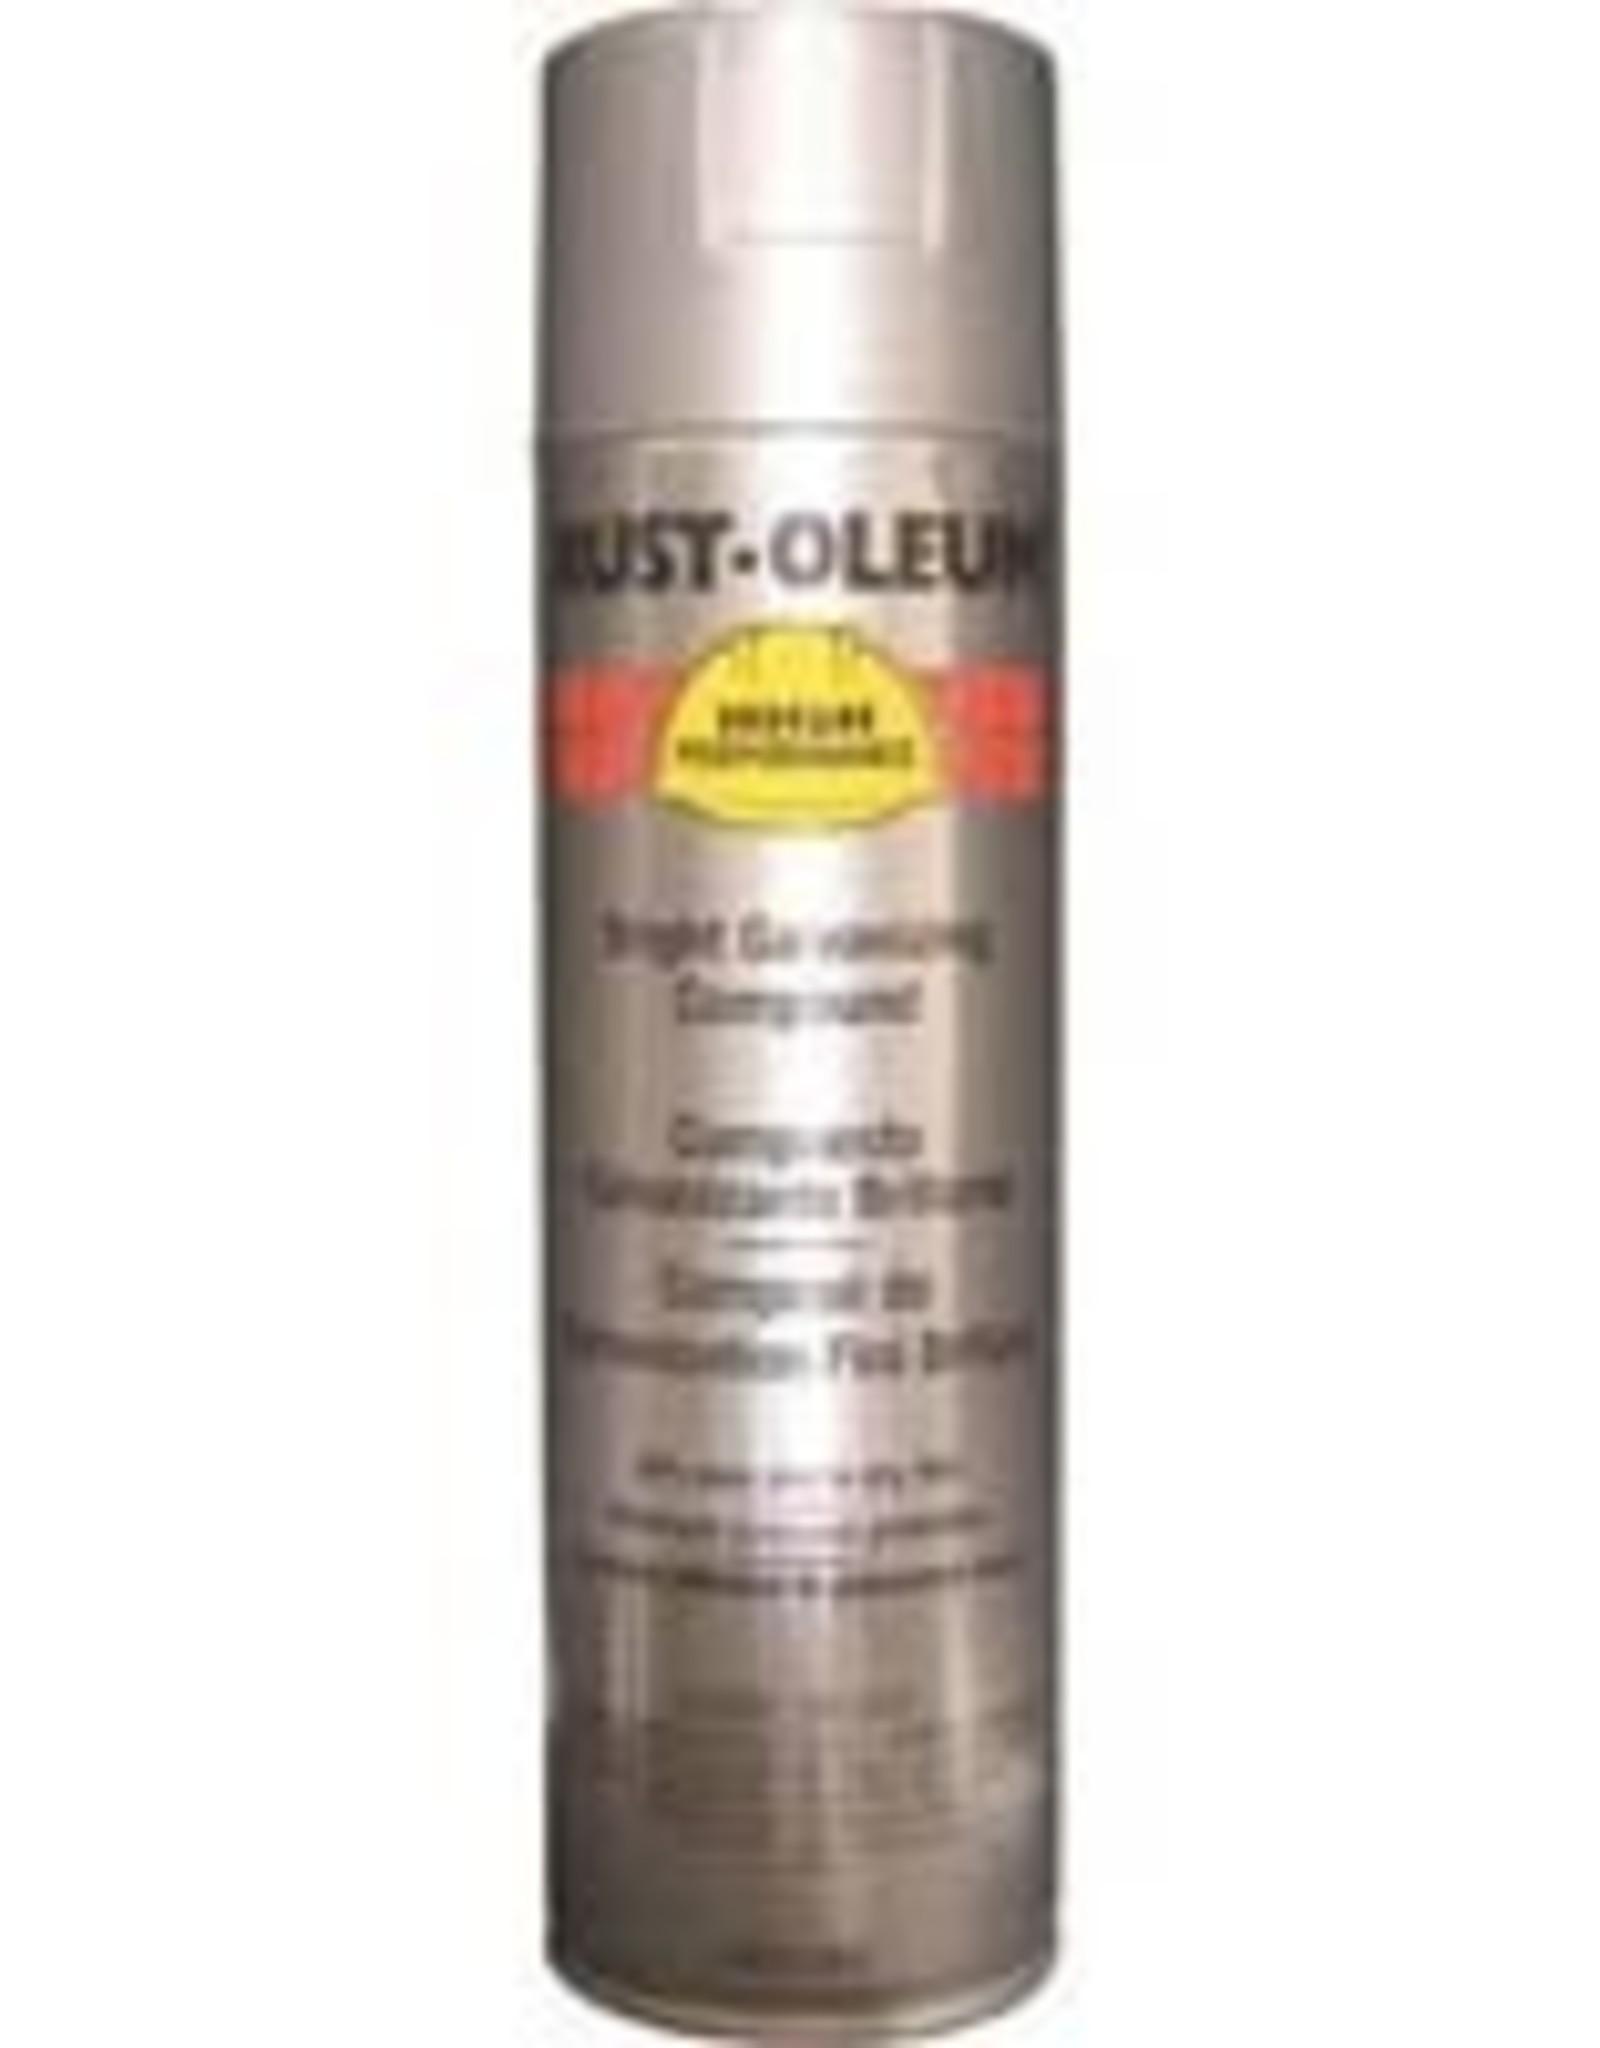 Rust-Oleum Rust-Oleum 7585 20 oz Professional Spray Paint Cold Galvanization